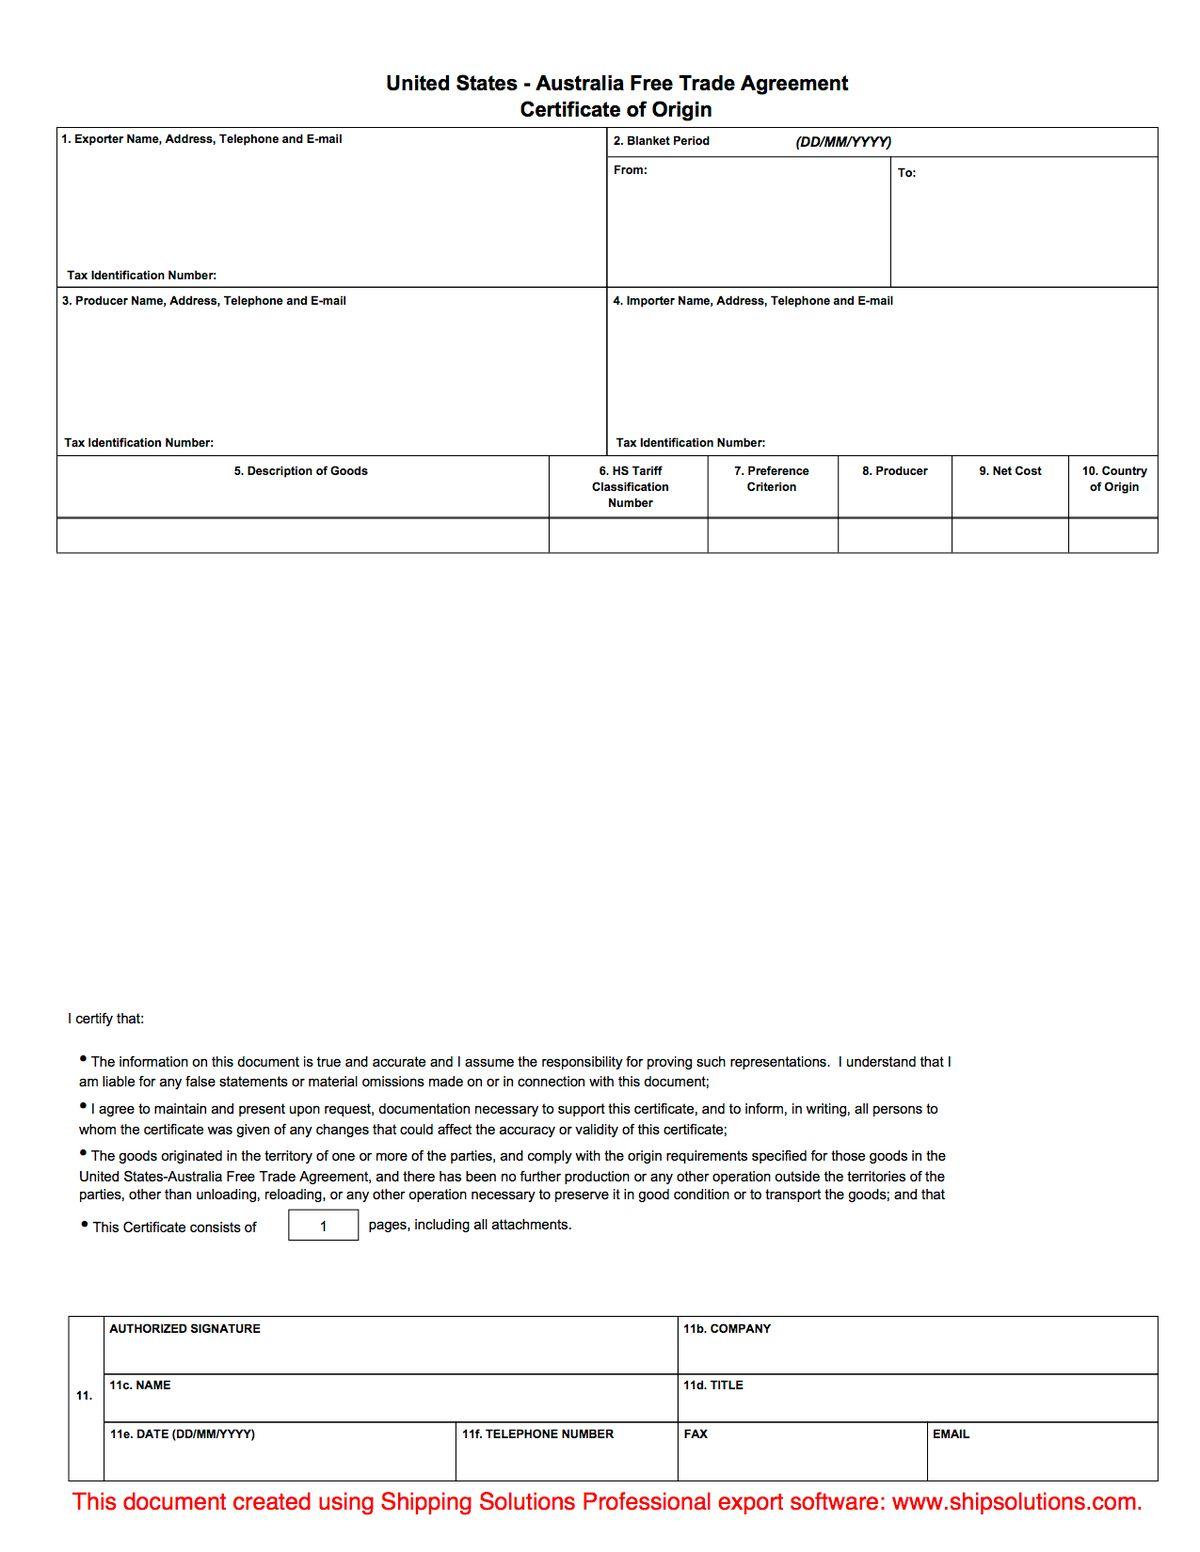 U.S. -Australia Certificate of Origin